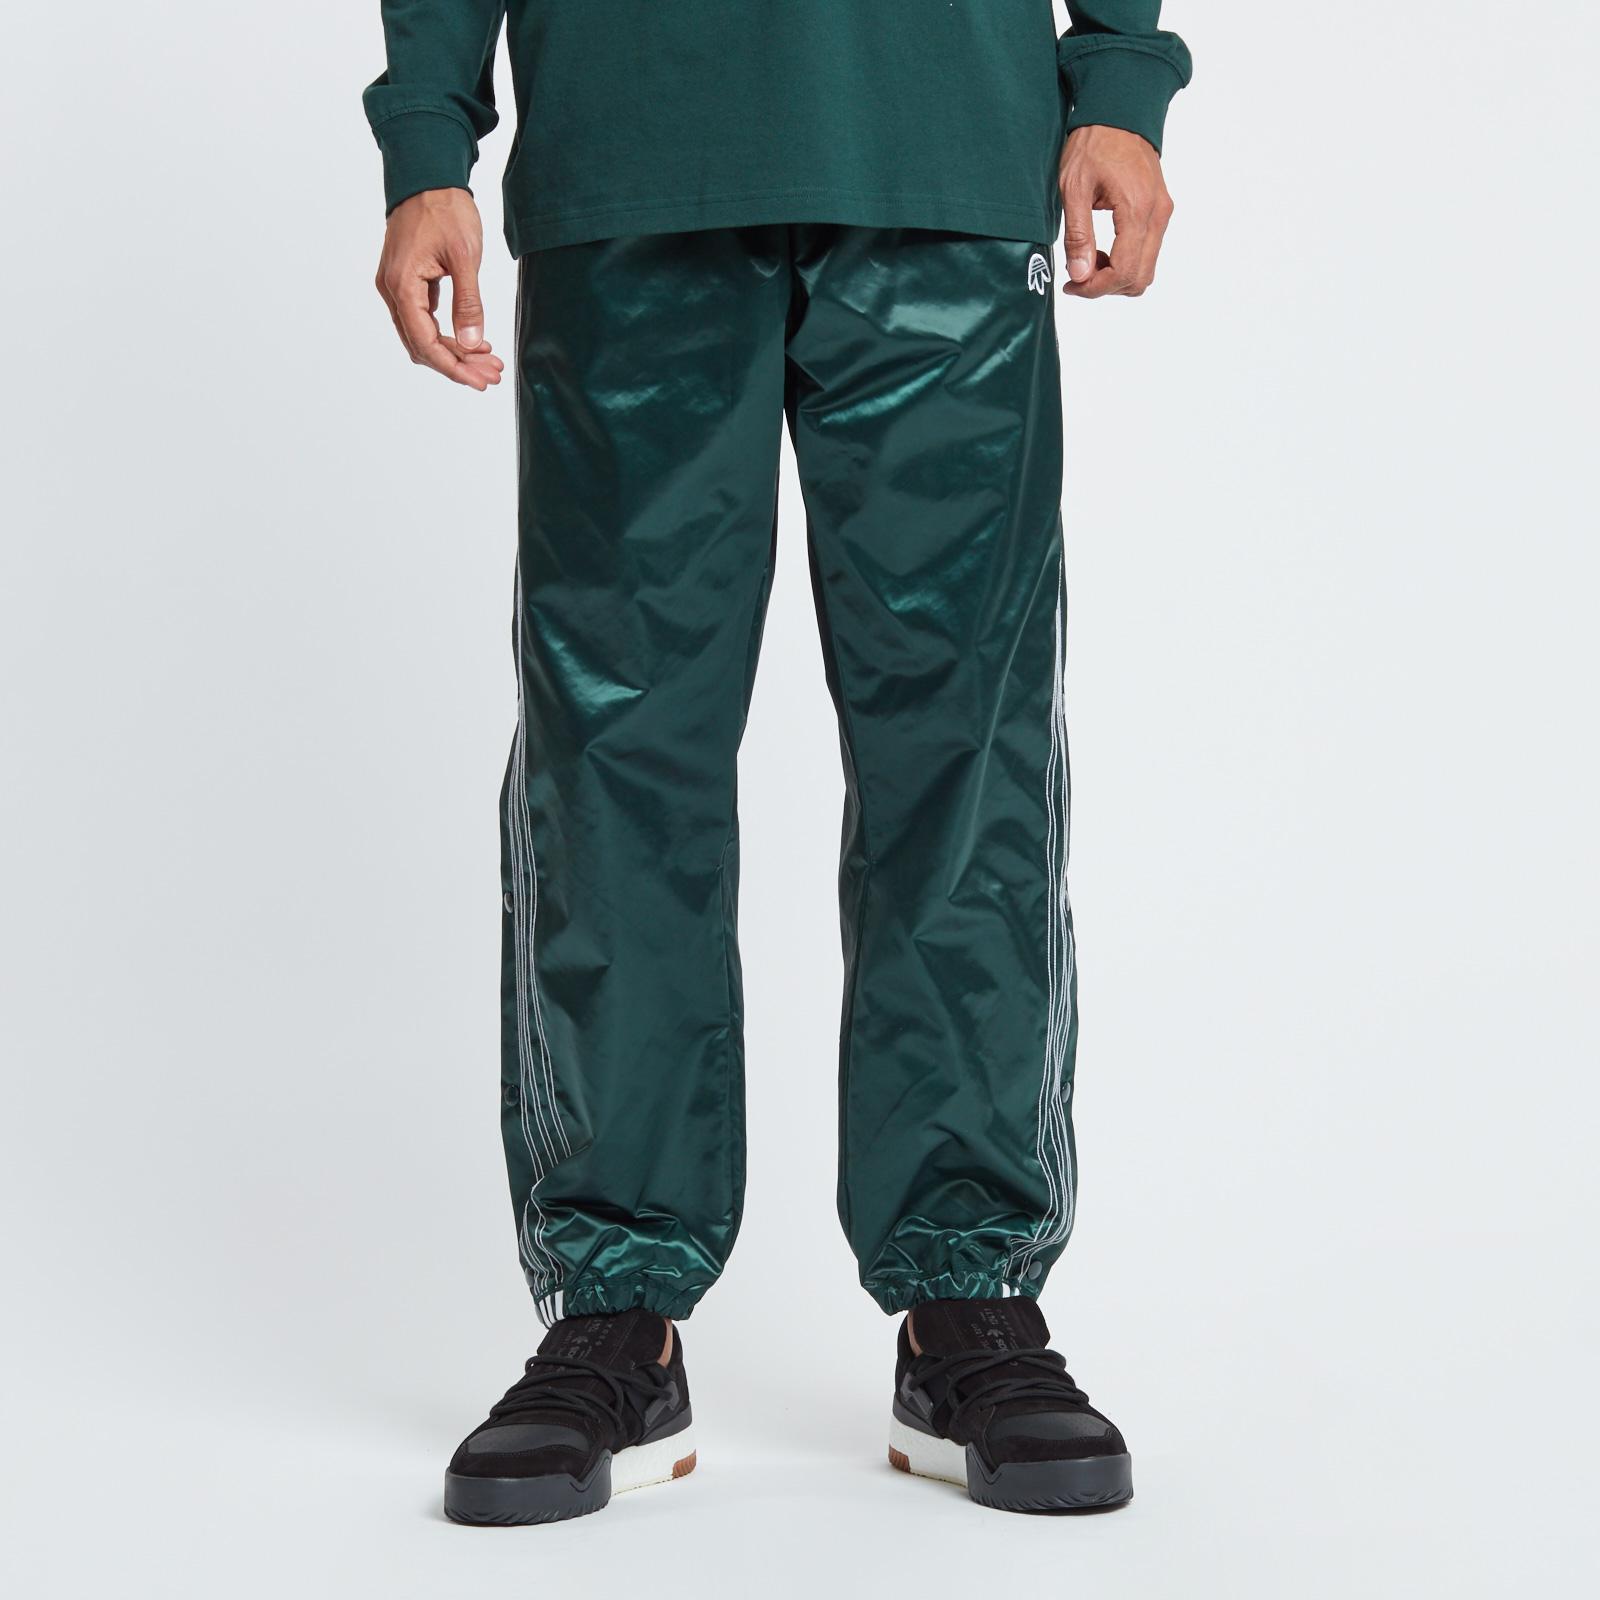 adidas pantaloni della tuta cg1980 sneakersnstuff scarpe & streetwear